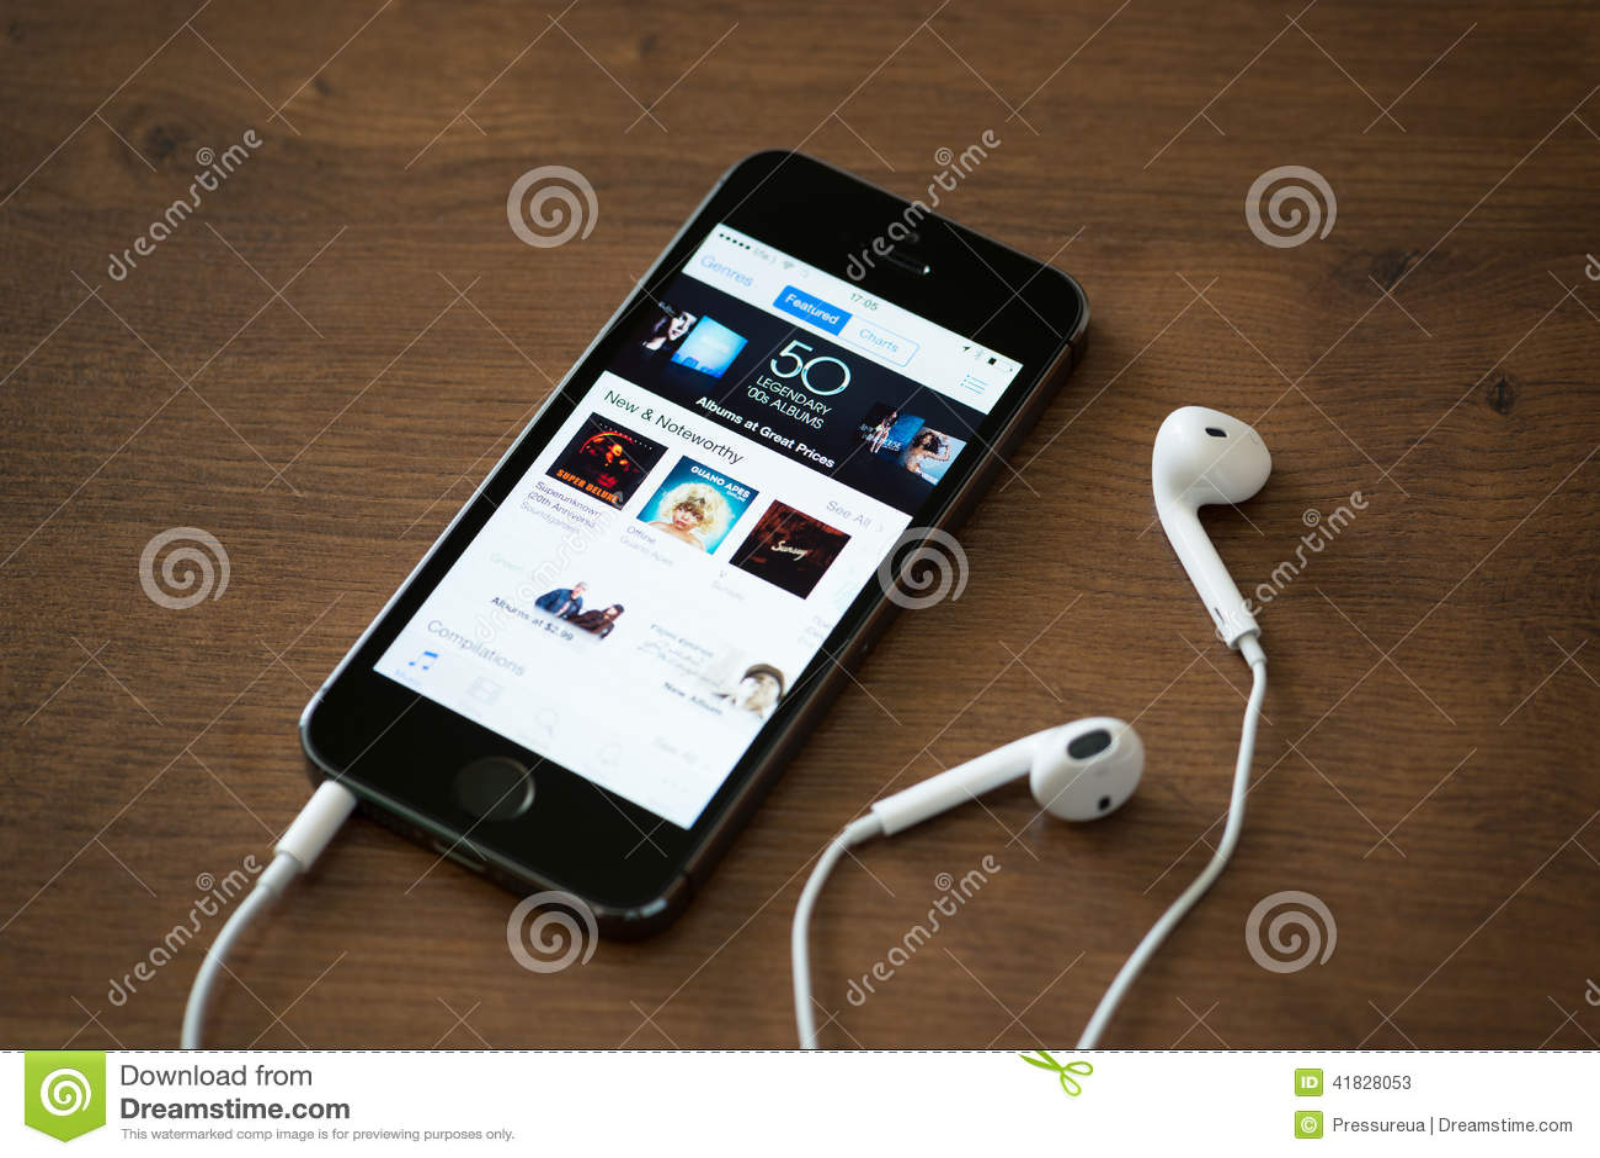 application iphone 5 musique gratuite